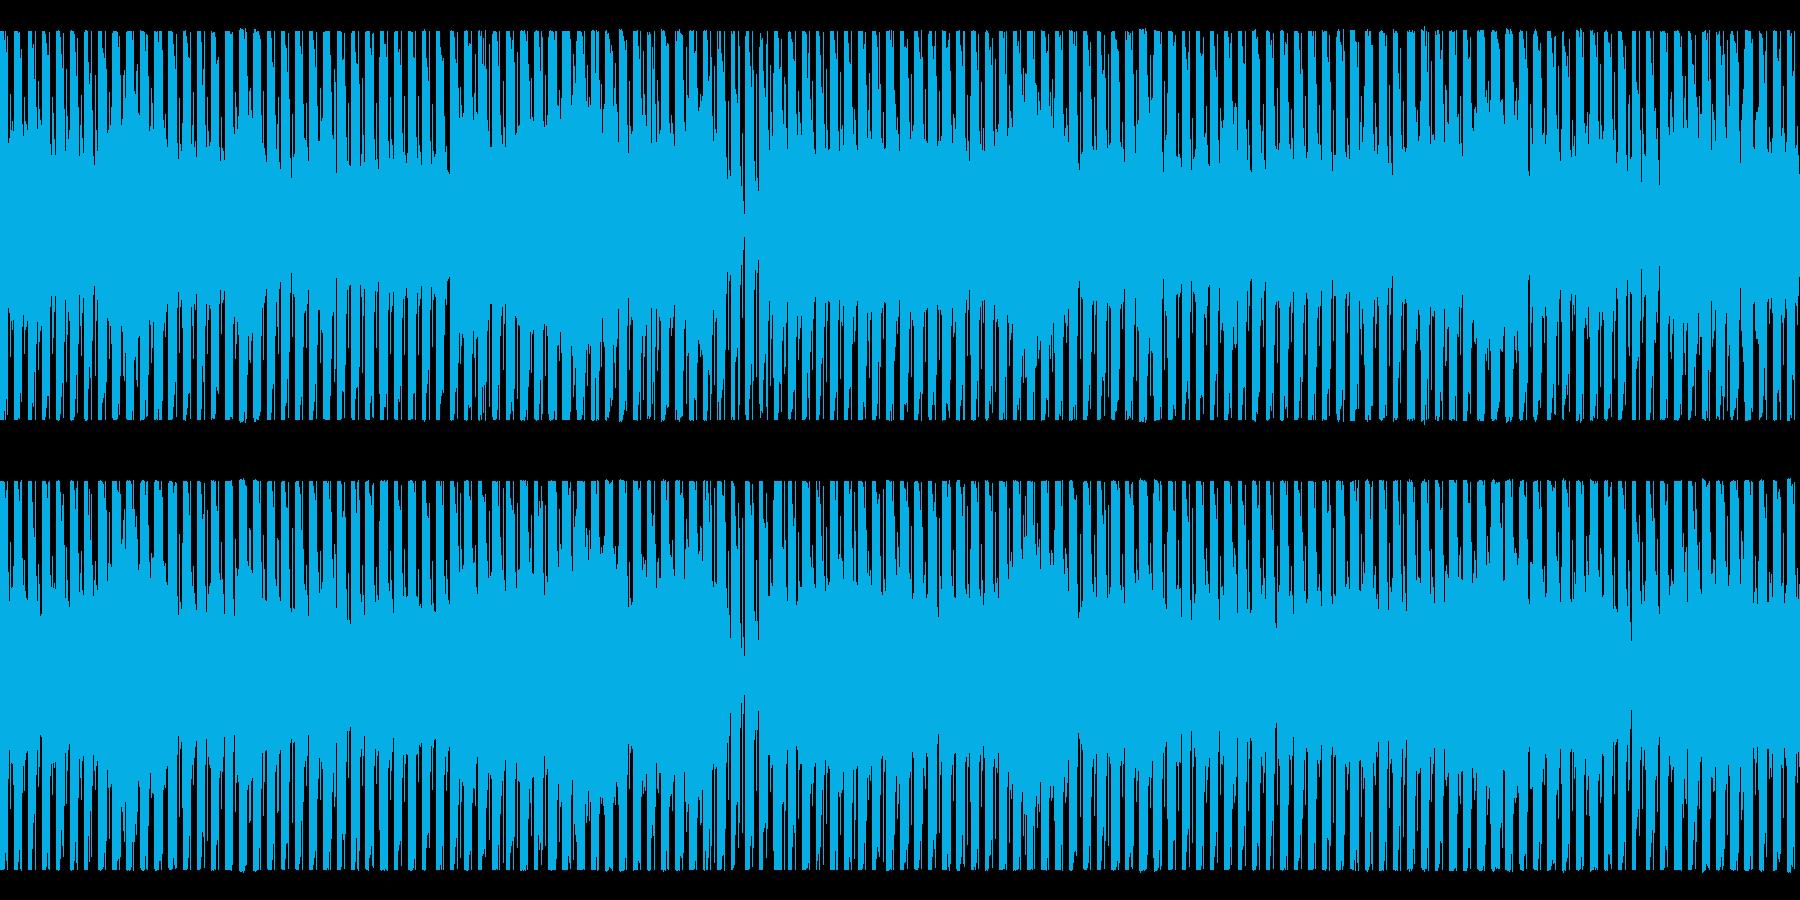 機械的連続音楽 次第に音色がかわっていくの再生済みの波形